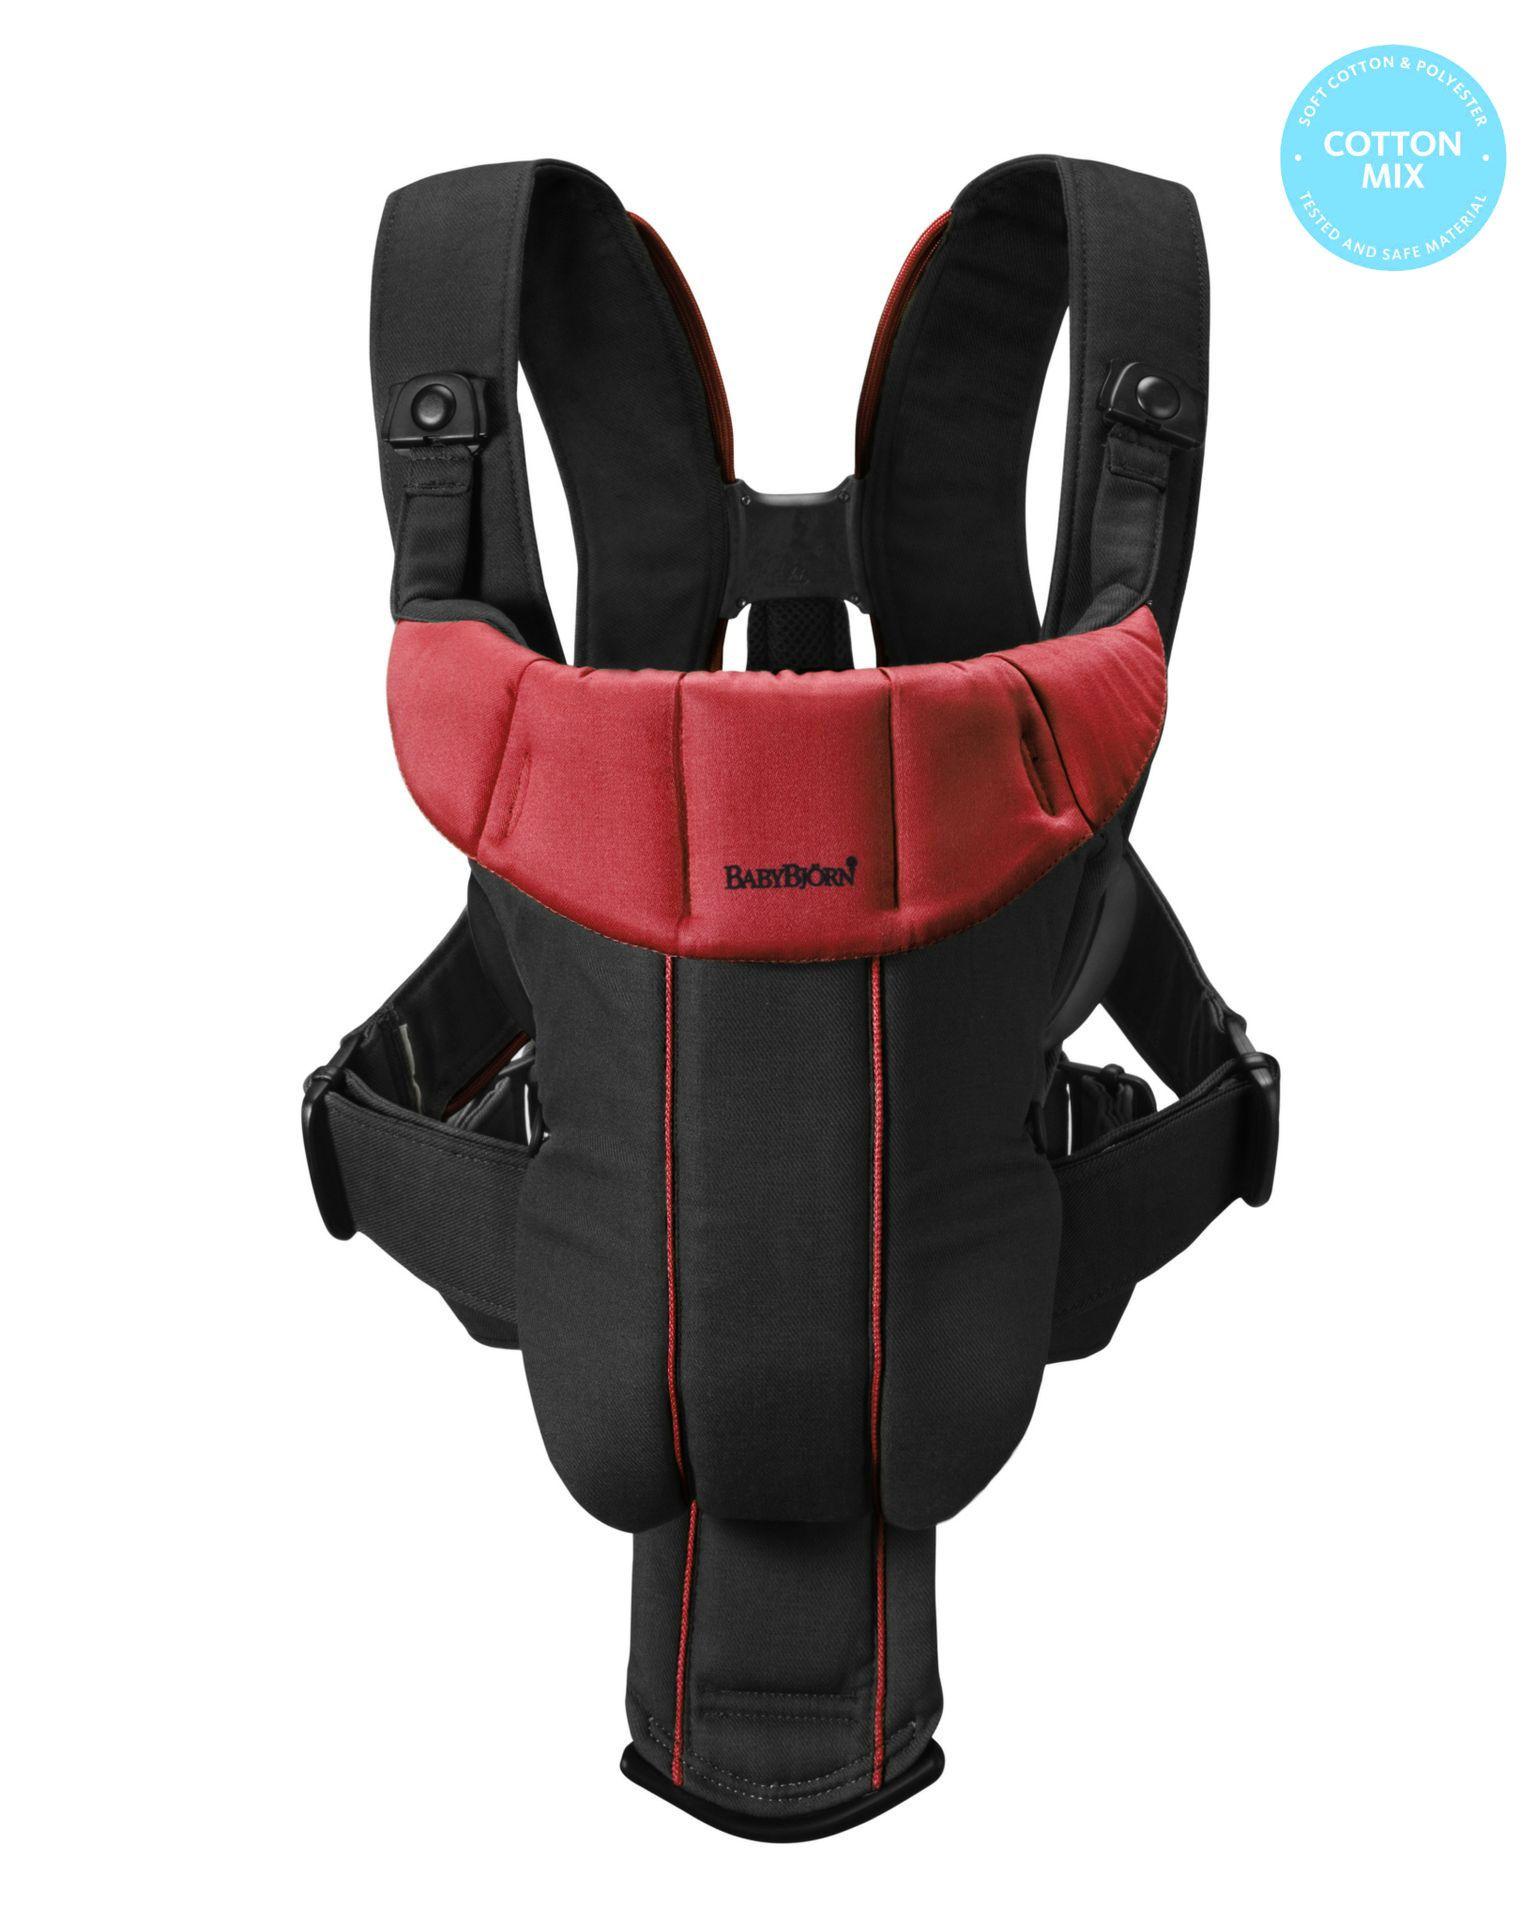 Porte-bébé Active de Babybjörn prix promo Aubert 119.99 € TTC   Bons ... 732ce68a5d6